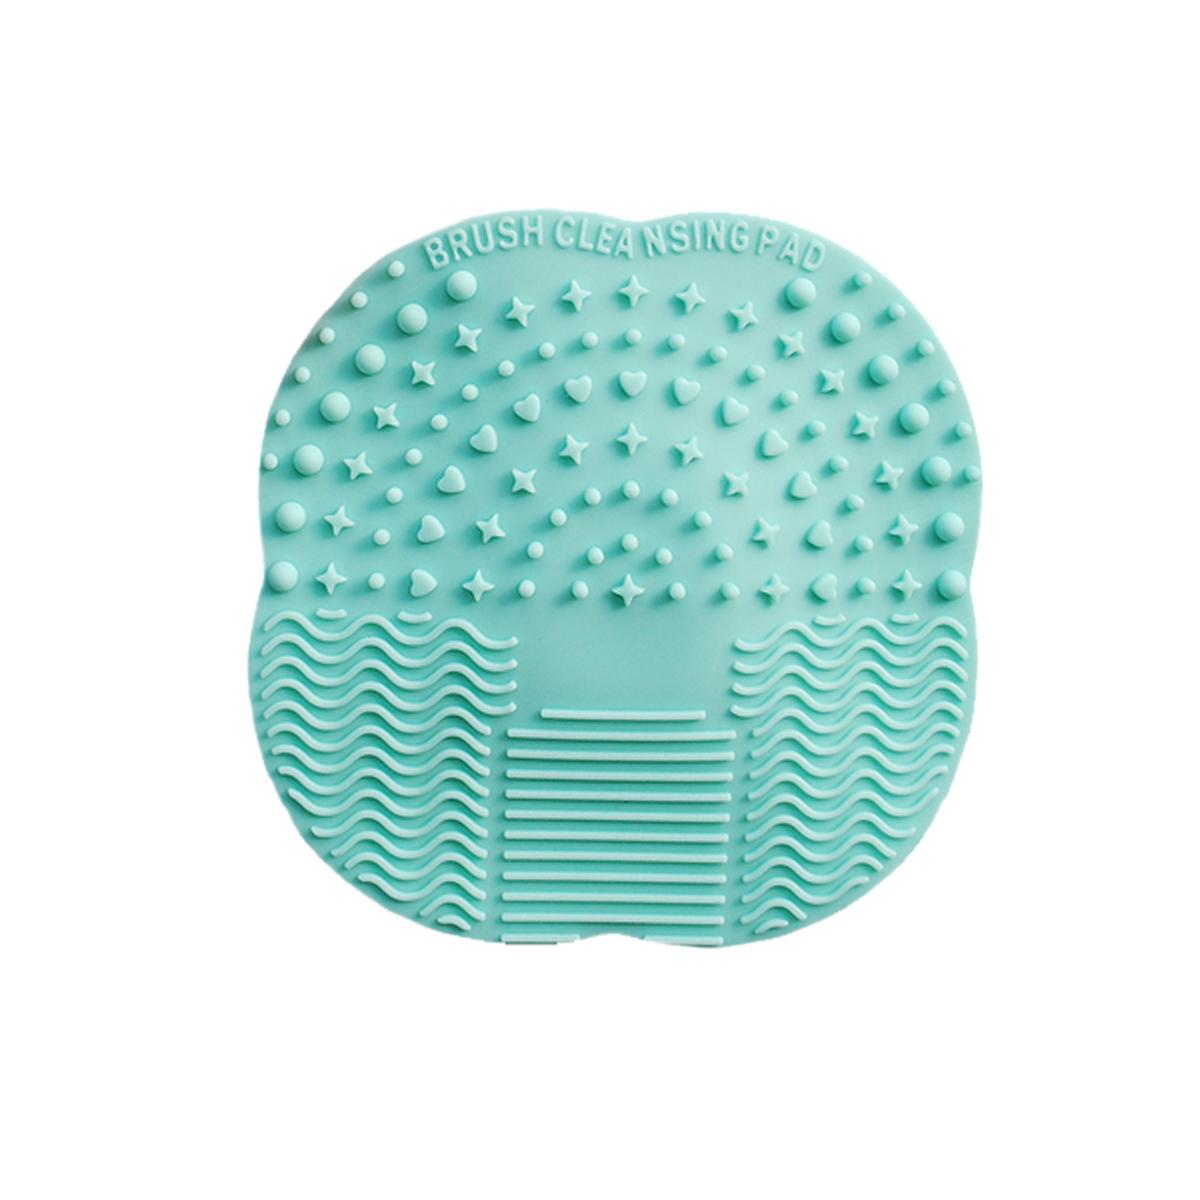 Lakoff Коврик для мытья косметических кистейSM-342016Новое поколение аксессуаров для очищения кистей. Силиконовый коврик для очистки кистей. Специально разработанные рельефные поверхности эффективно удаляют макияж с кистей и снижают расход моющих средств.Поверхность с мелким узором предназначена для очищения маленьких кистей: для губ, для теней. Волнистая поверхность для очищения больших кистей: для пудры, для основы, для румян